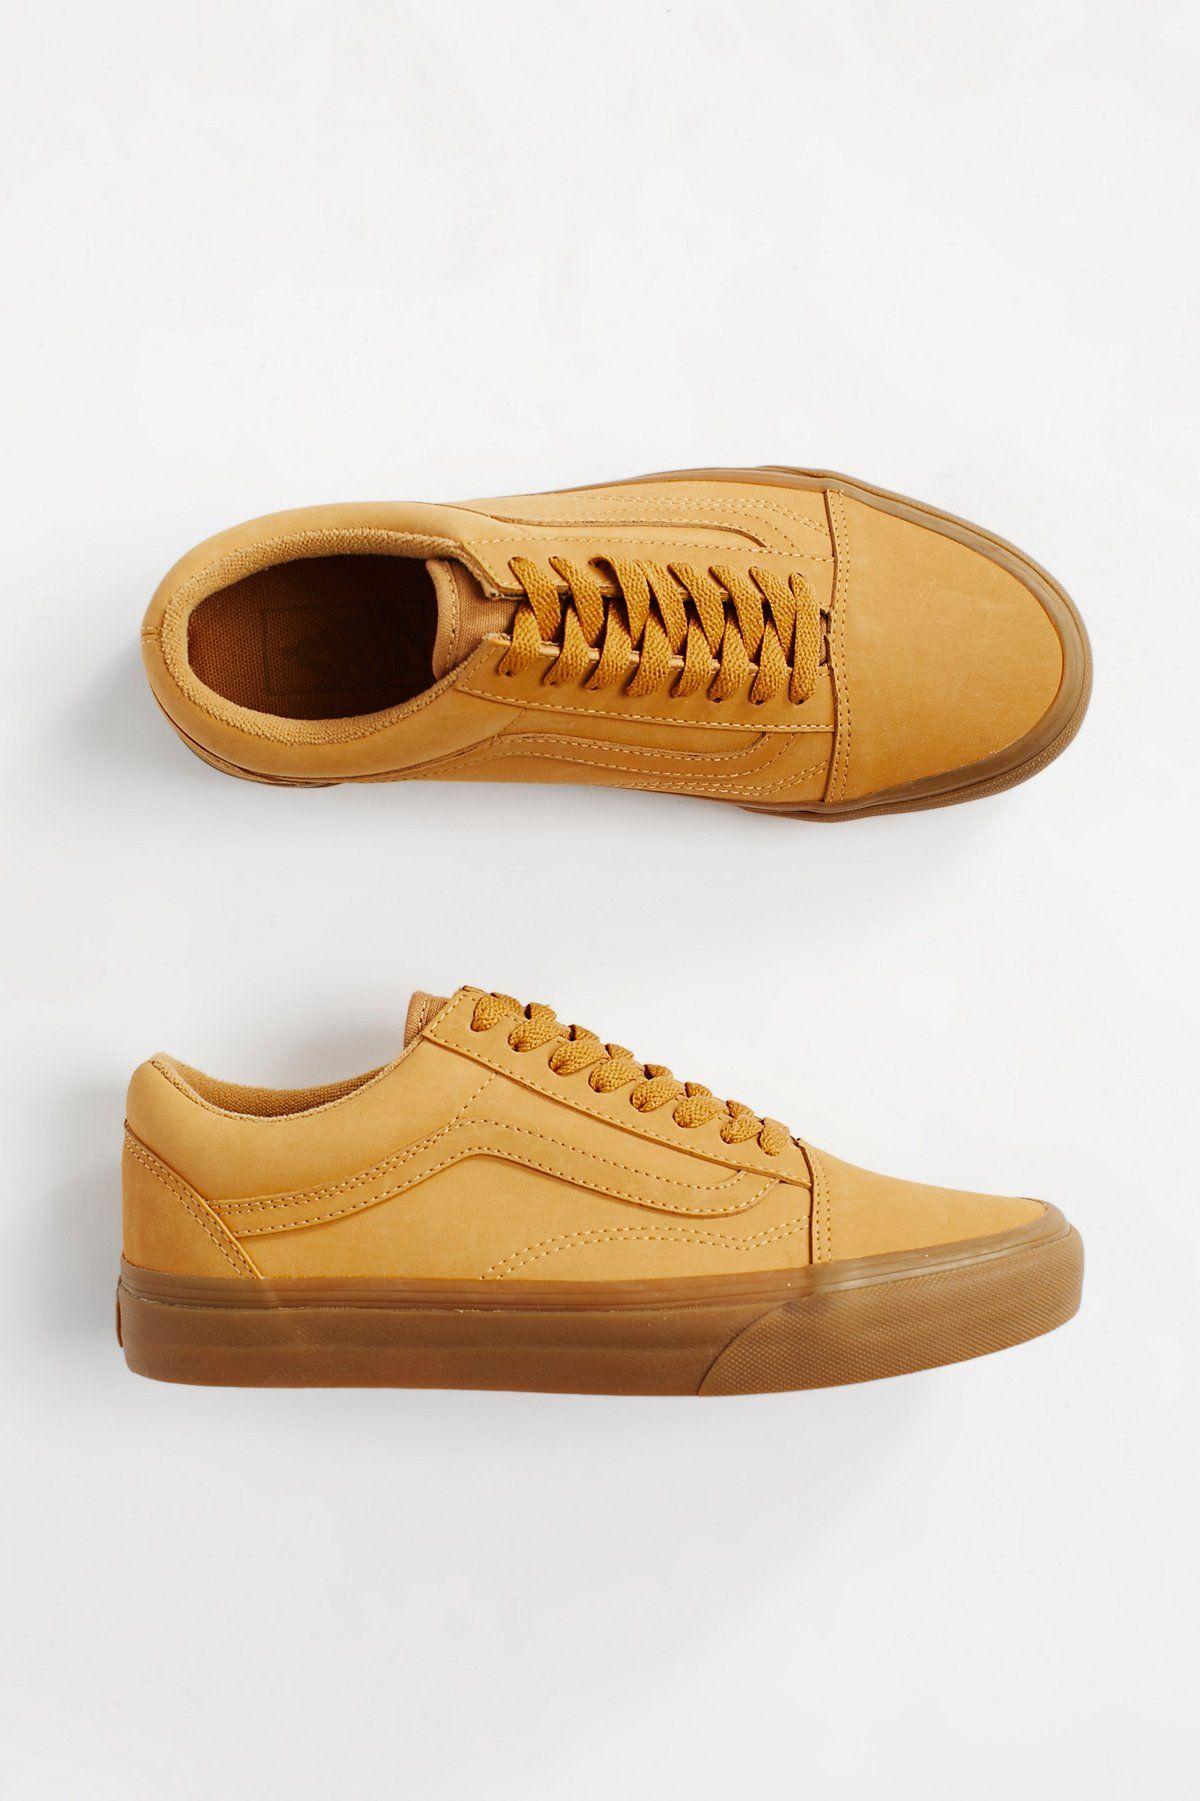 a5b5580cd4 Old Skool Vansbuck Sneaker